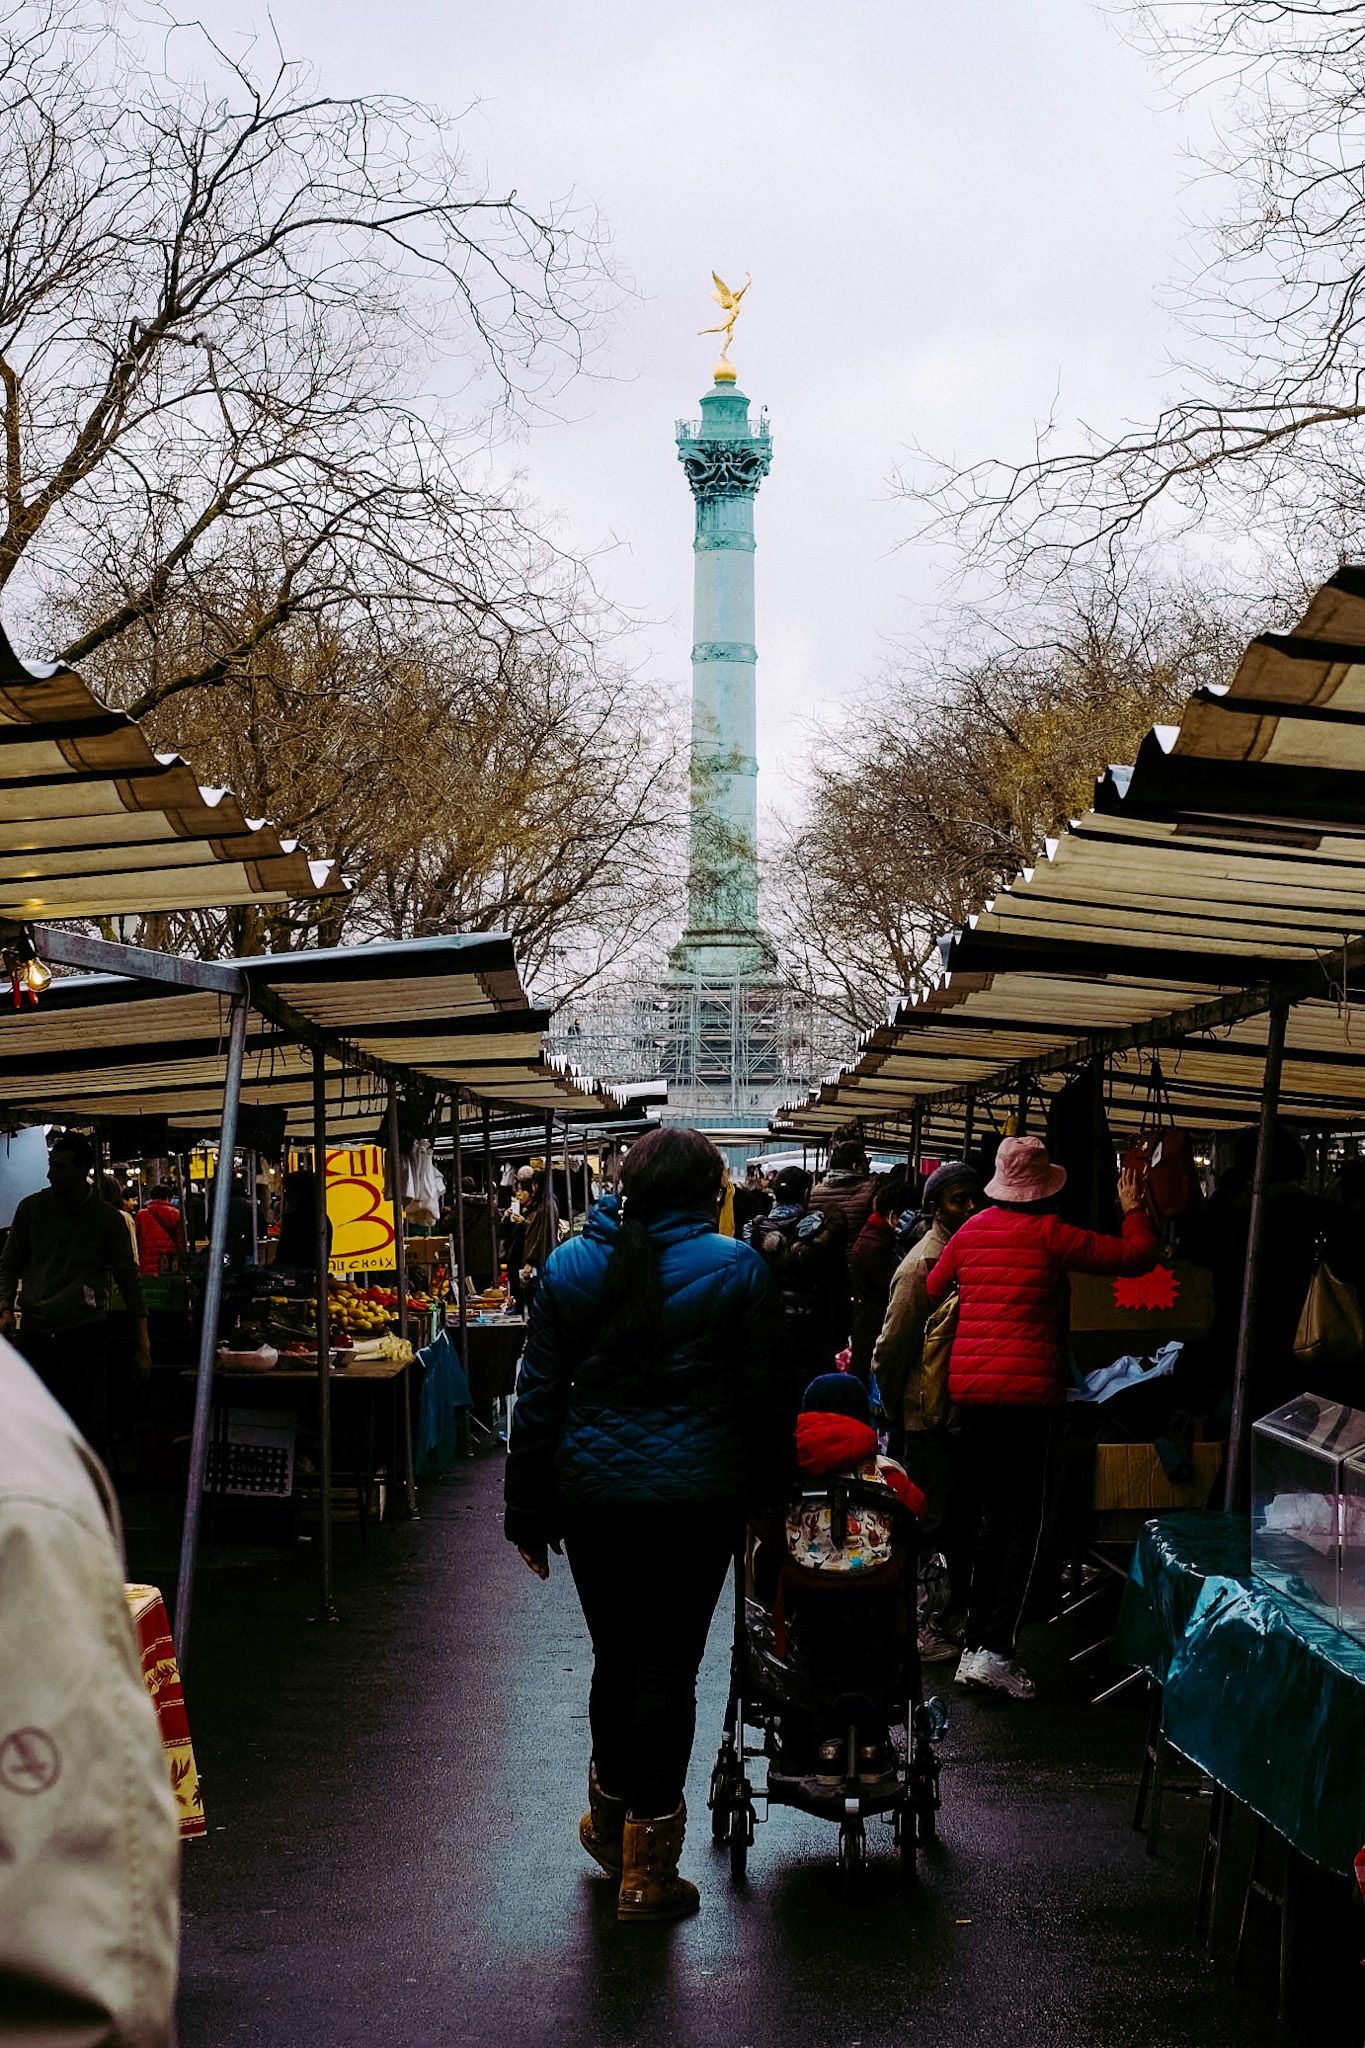 Marché Bastille - Bastille Market